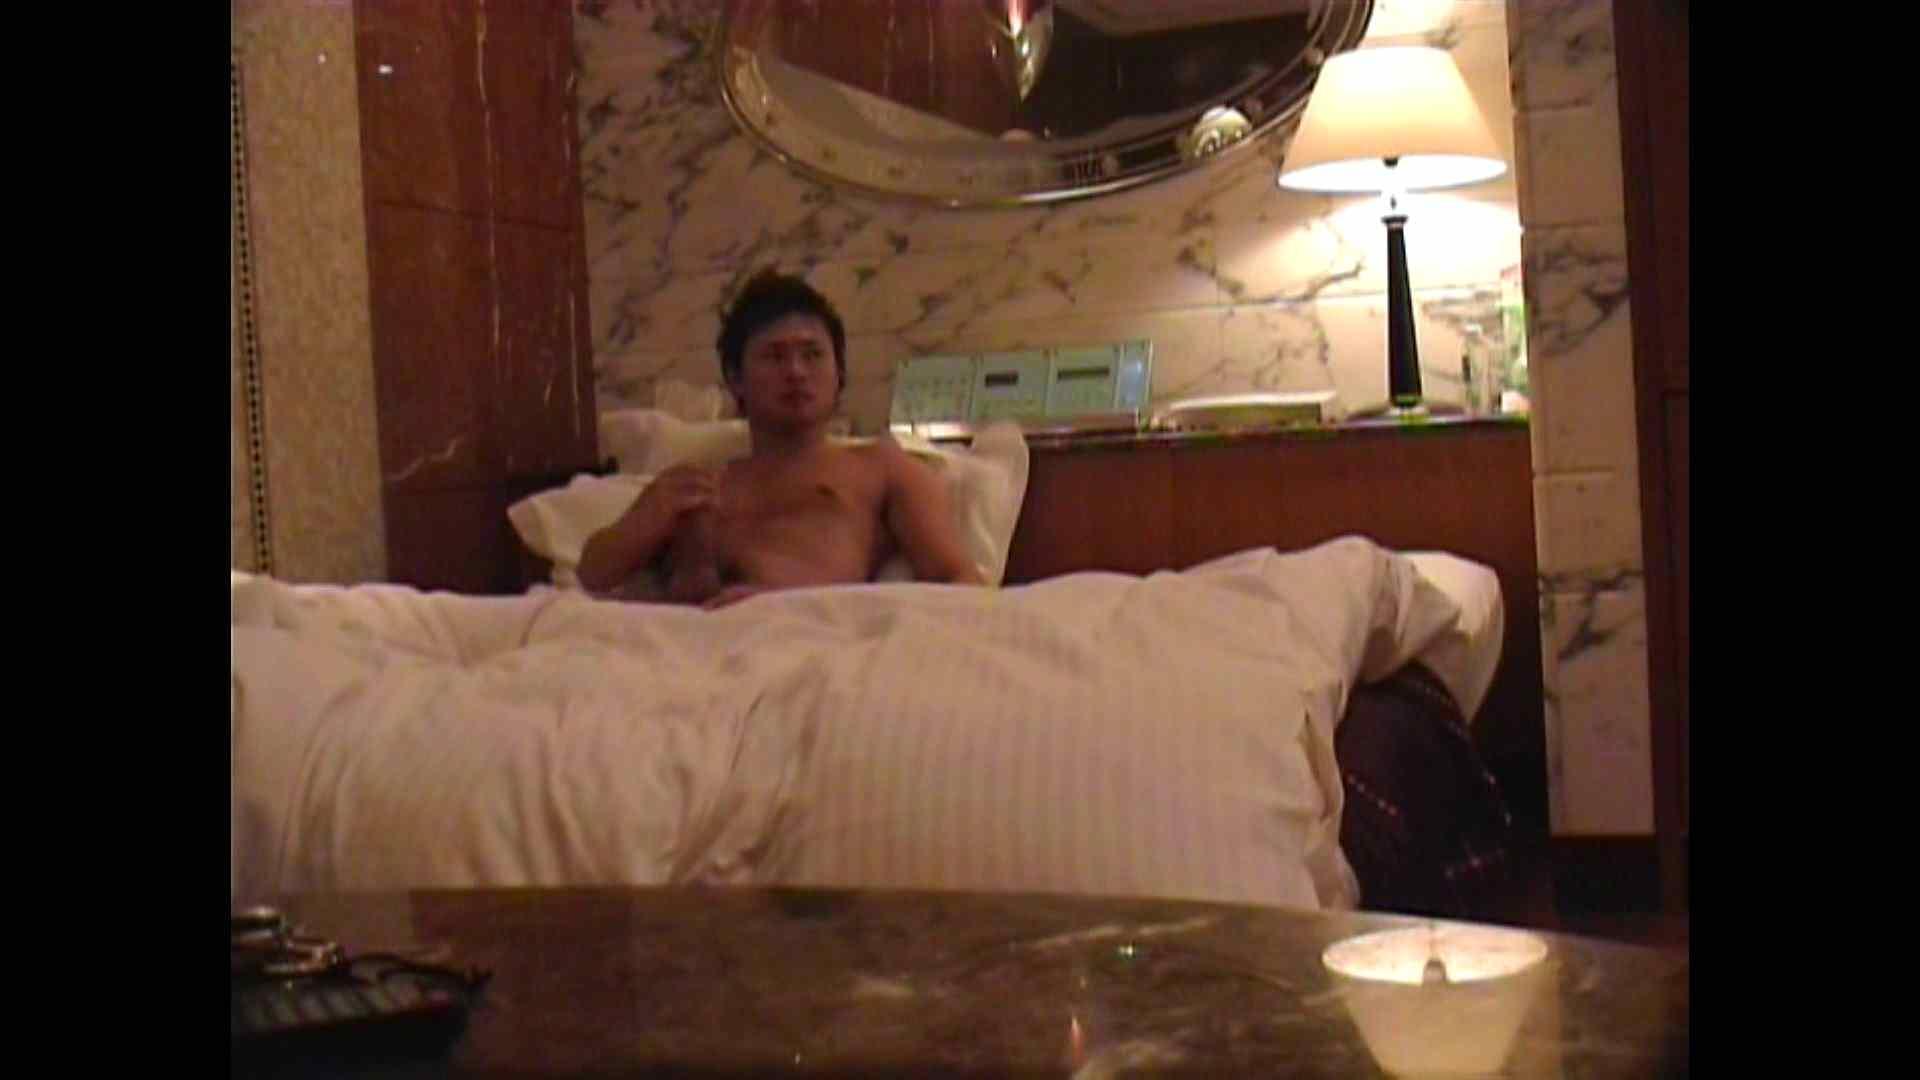 オナ好き五郎さん投稿!イケメン限定、オナニーでイク瞬間を撮影 その2 スジ筋系男子 ゲイアダルトビデオ画像 68枚 53